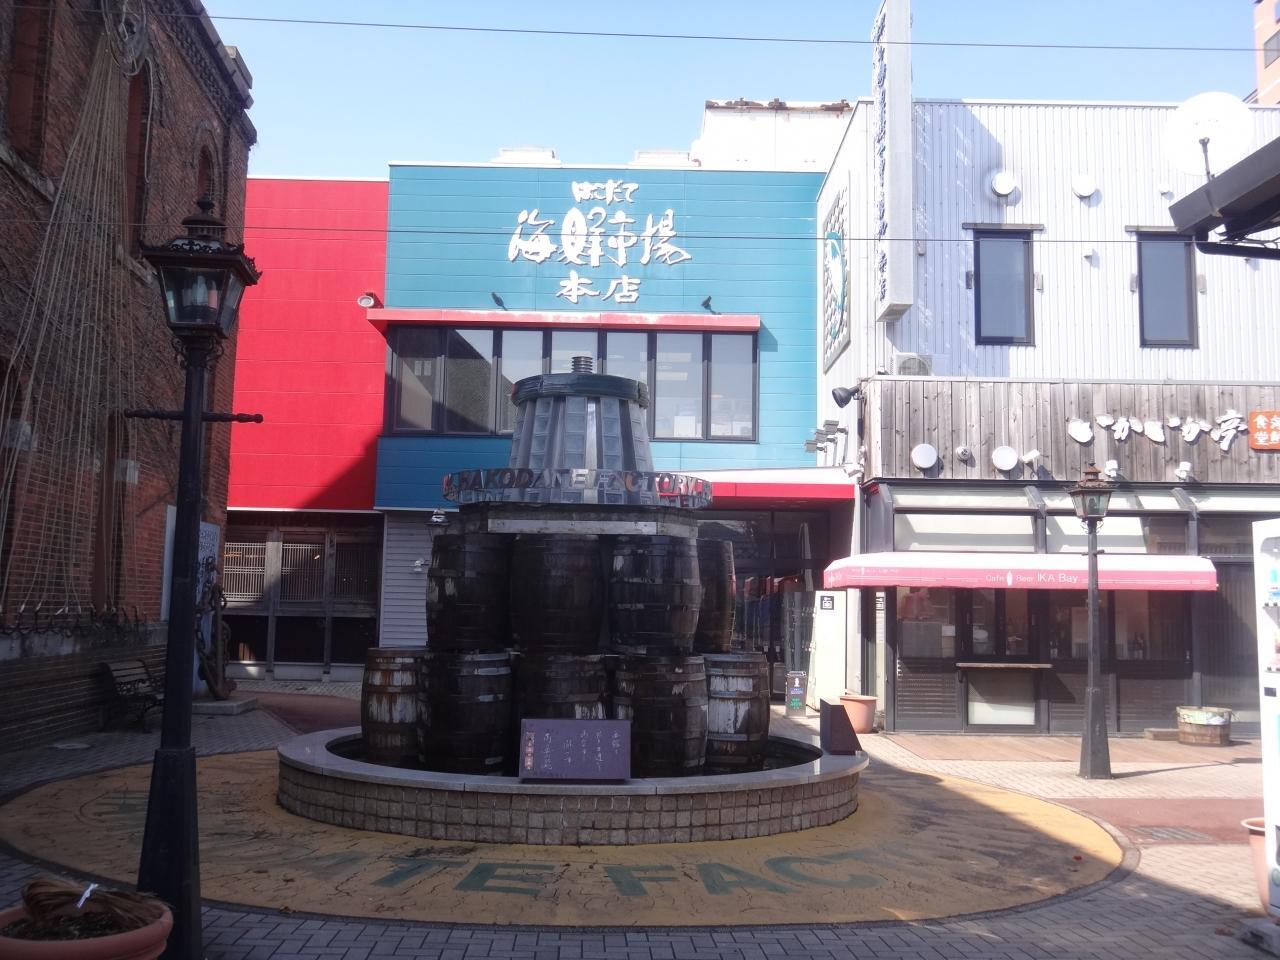 函館まるかつ水産 いかいか亭(居酒屋)の地図 | ホッ …